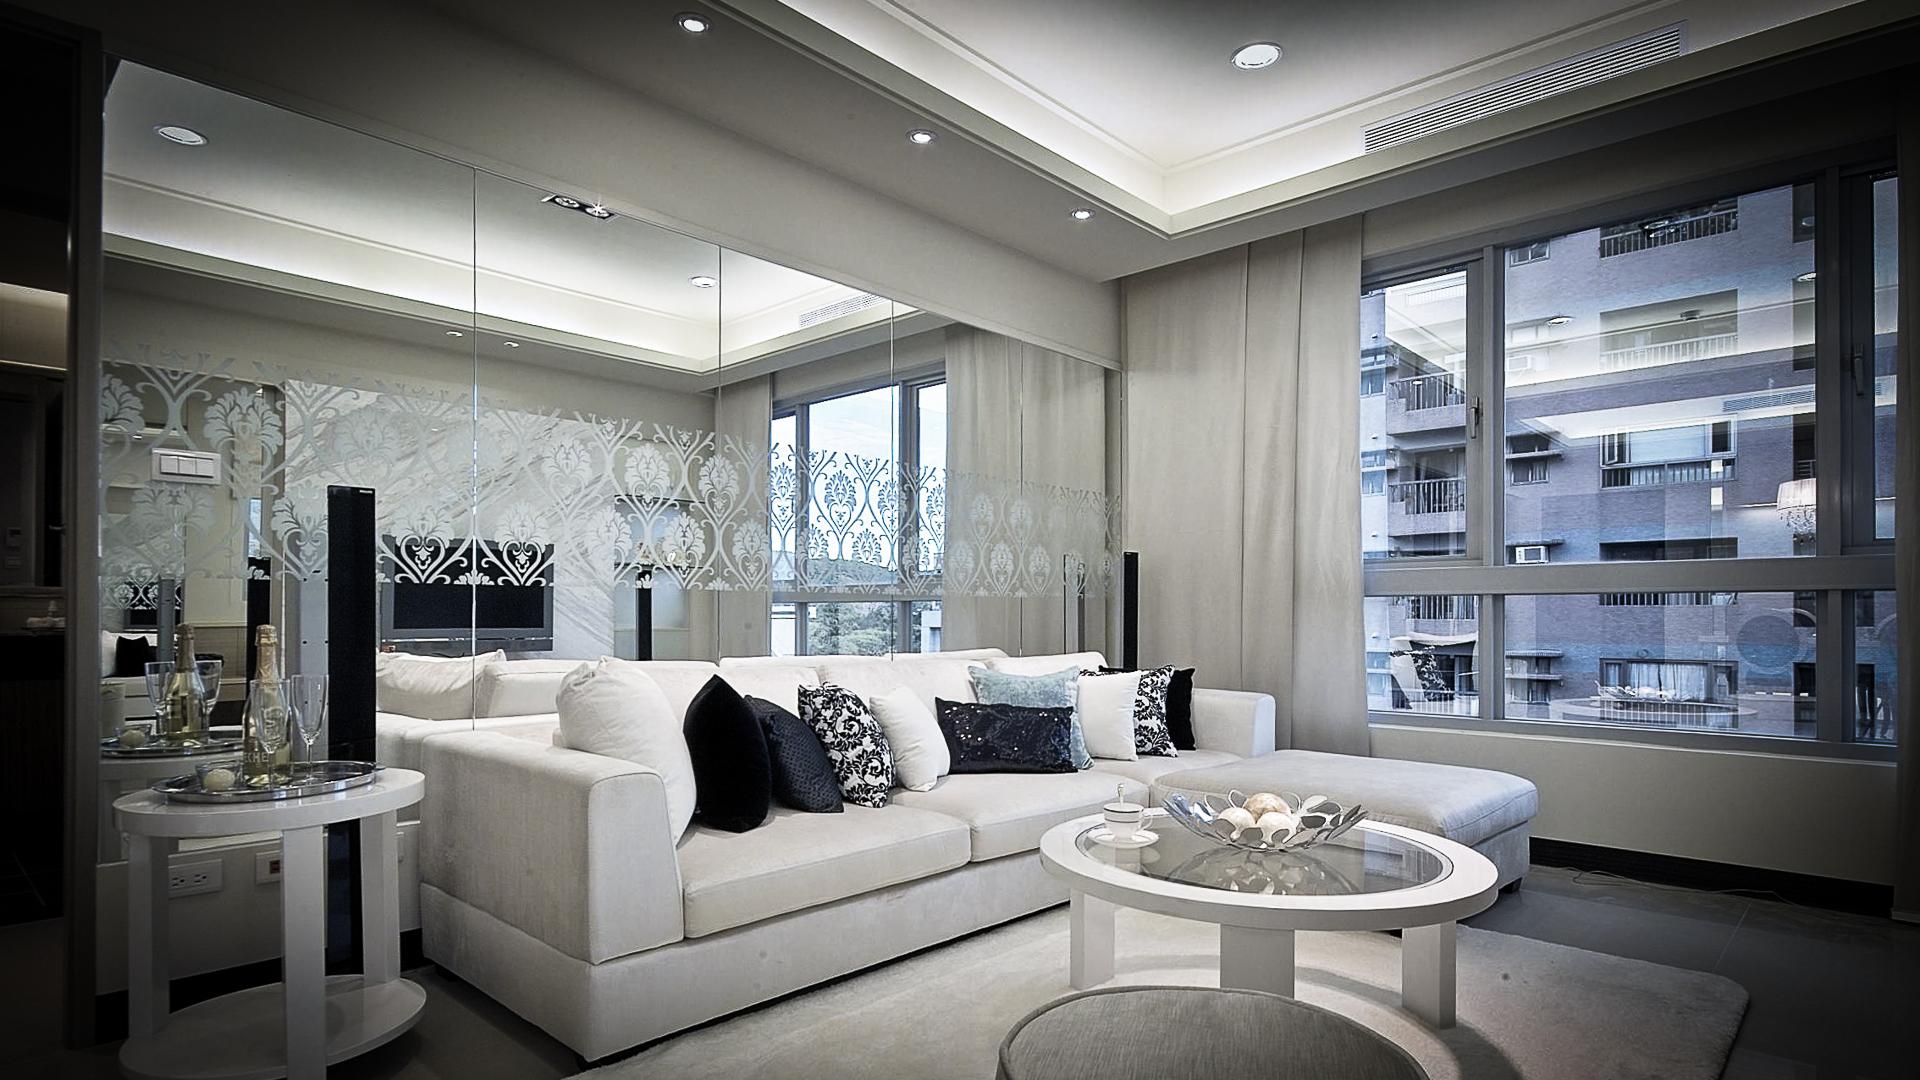 0004_室內設計師推薦風格簡約北歐風Scandinavian style-15